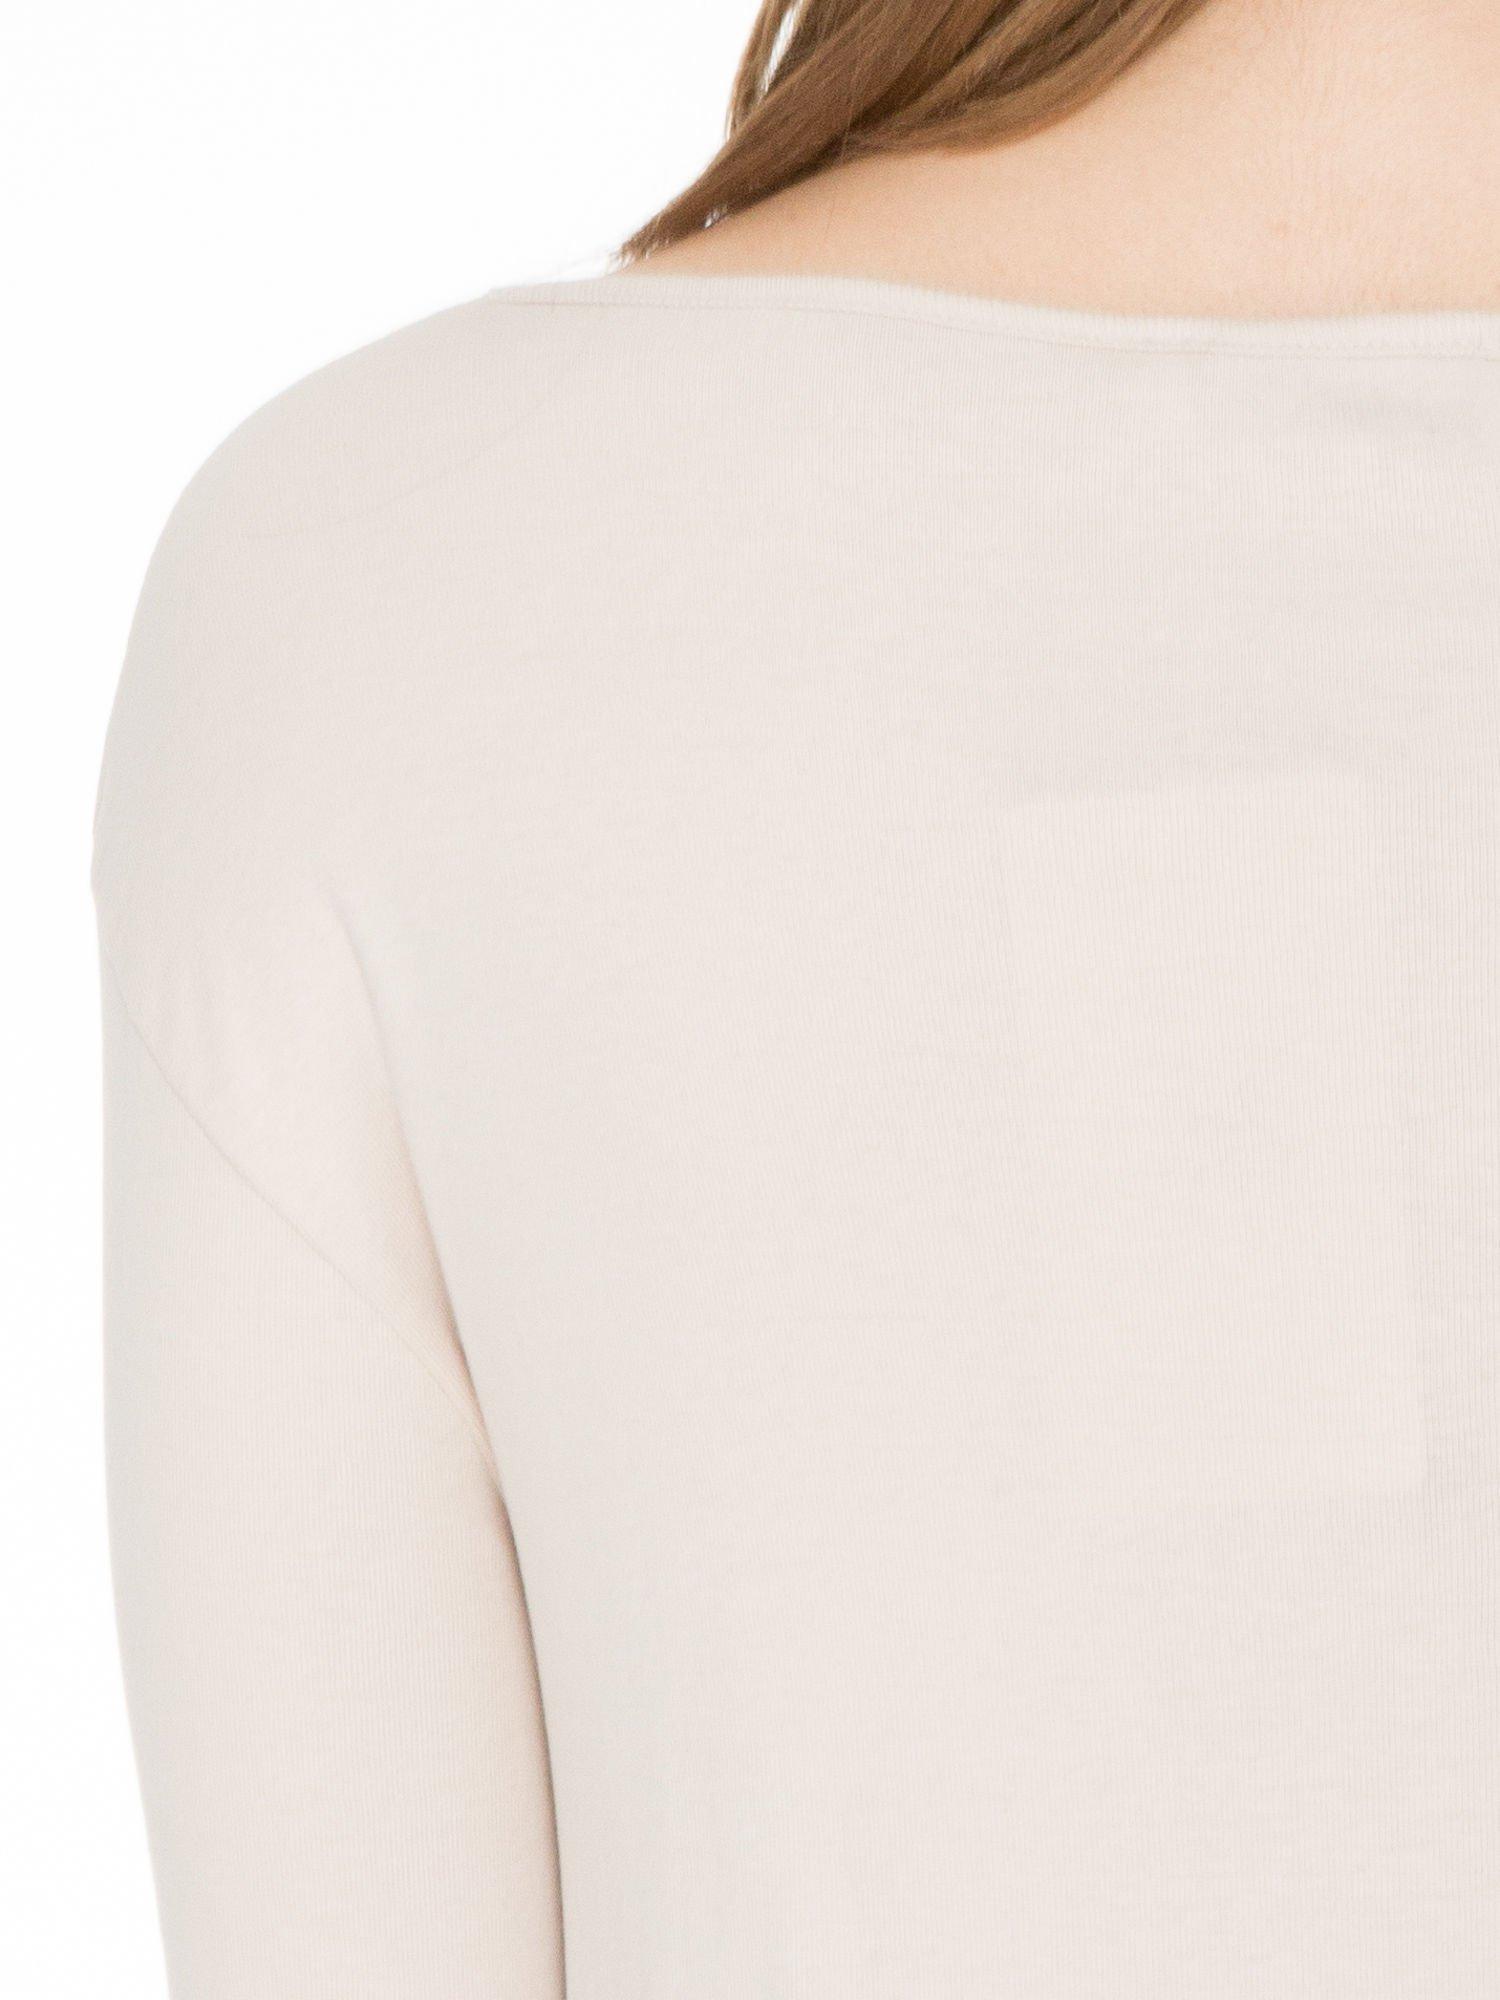 Jasnobeżowa bawełniana bluzka z gumką na dole                                  zdj.                                  5